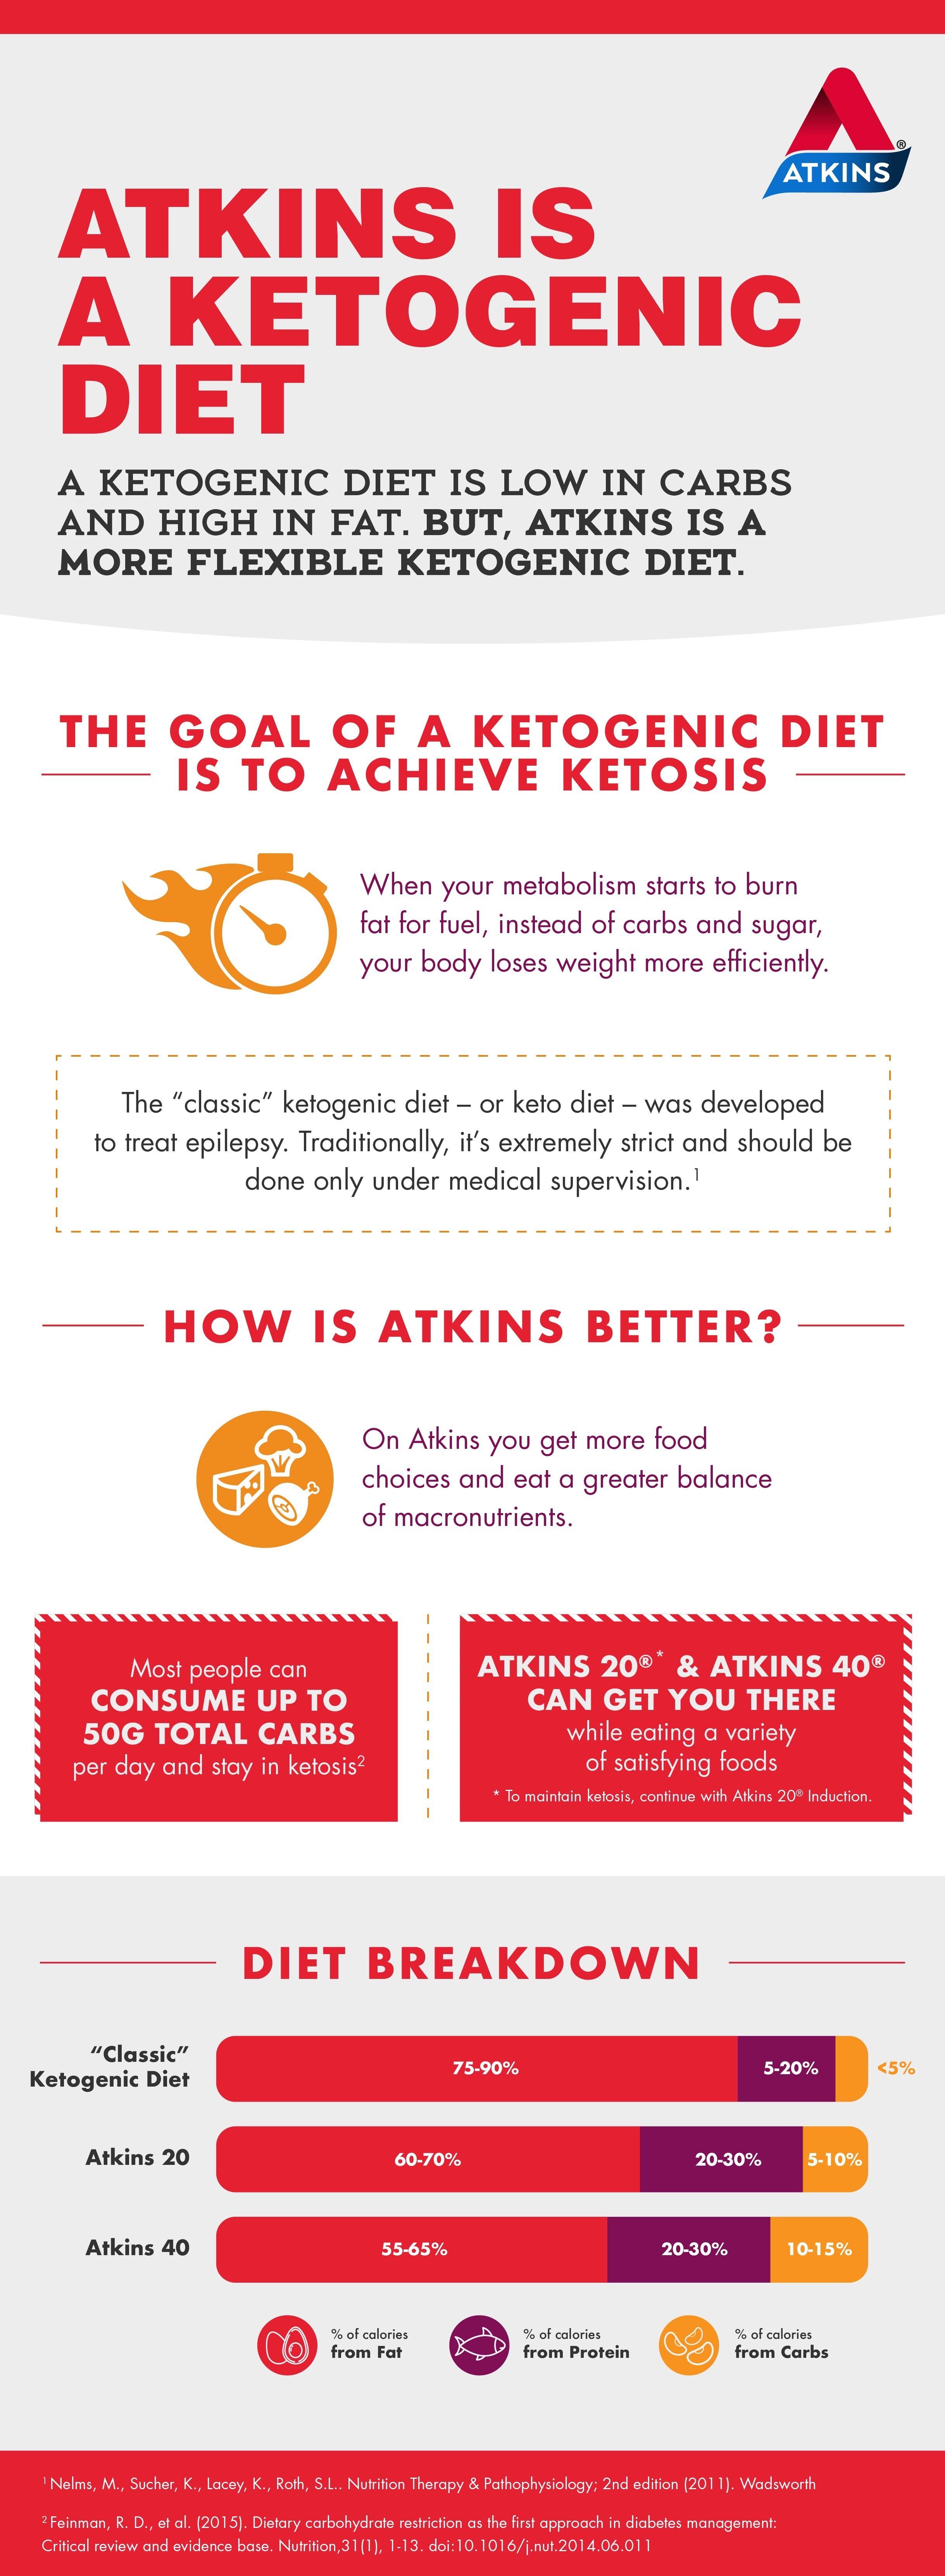 is atkins diet a keto diet?